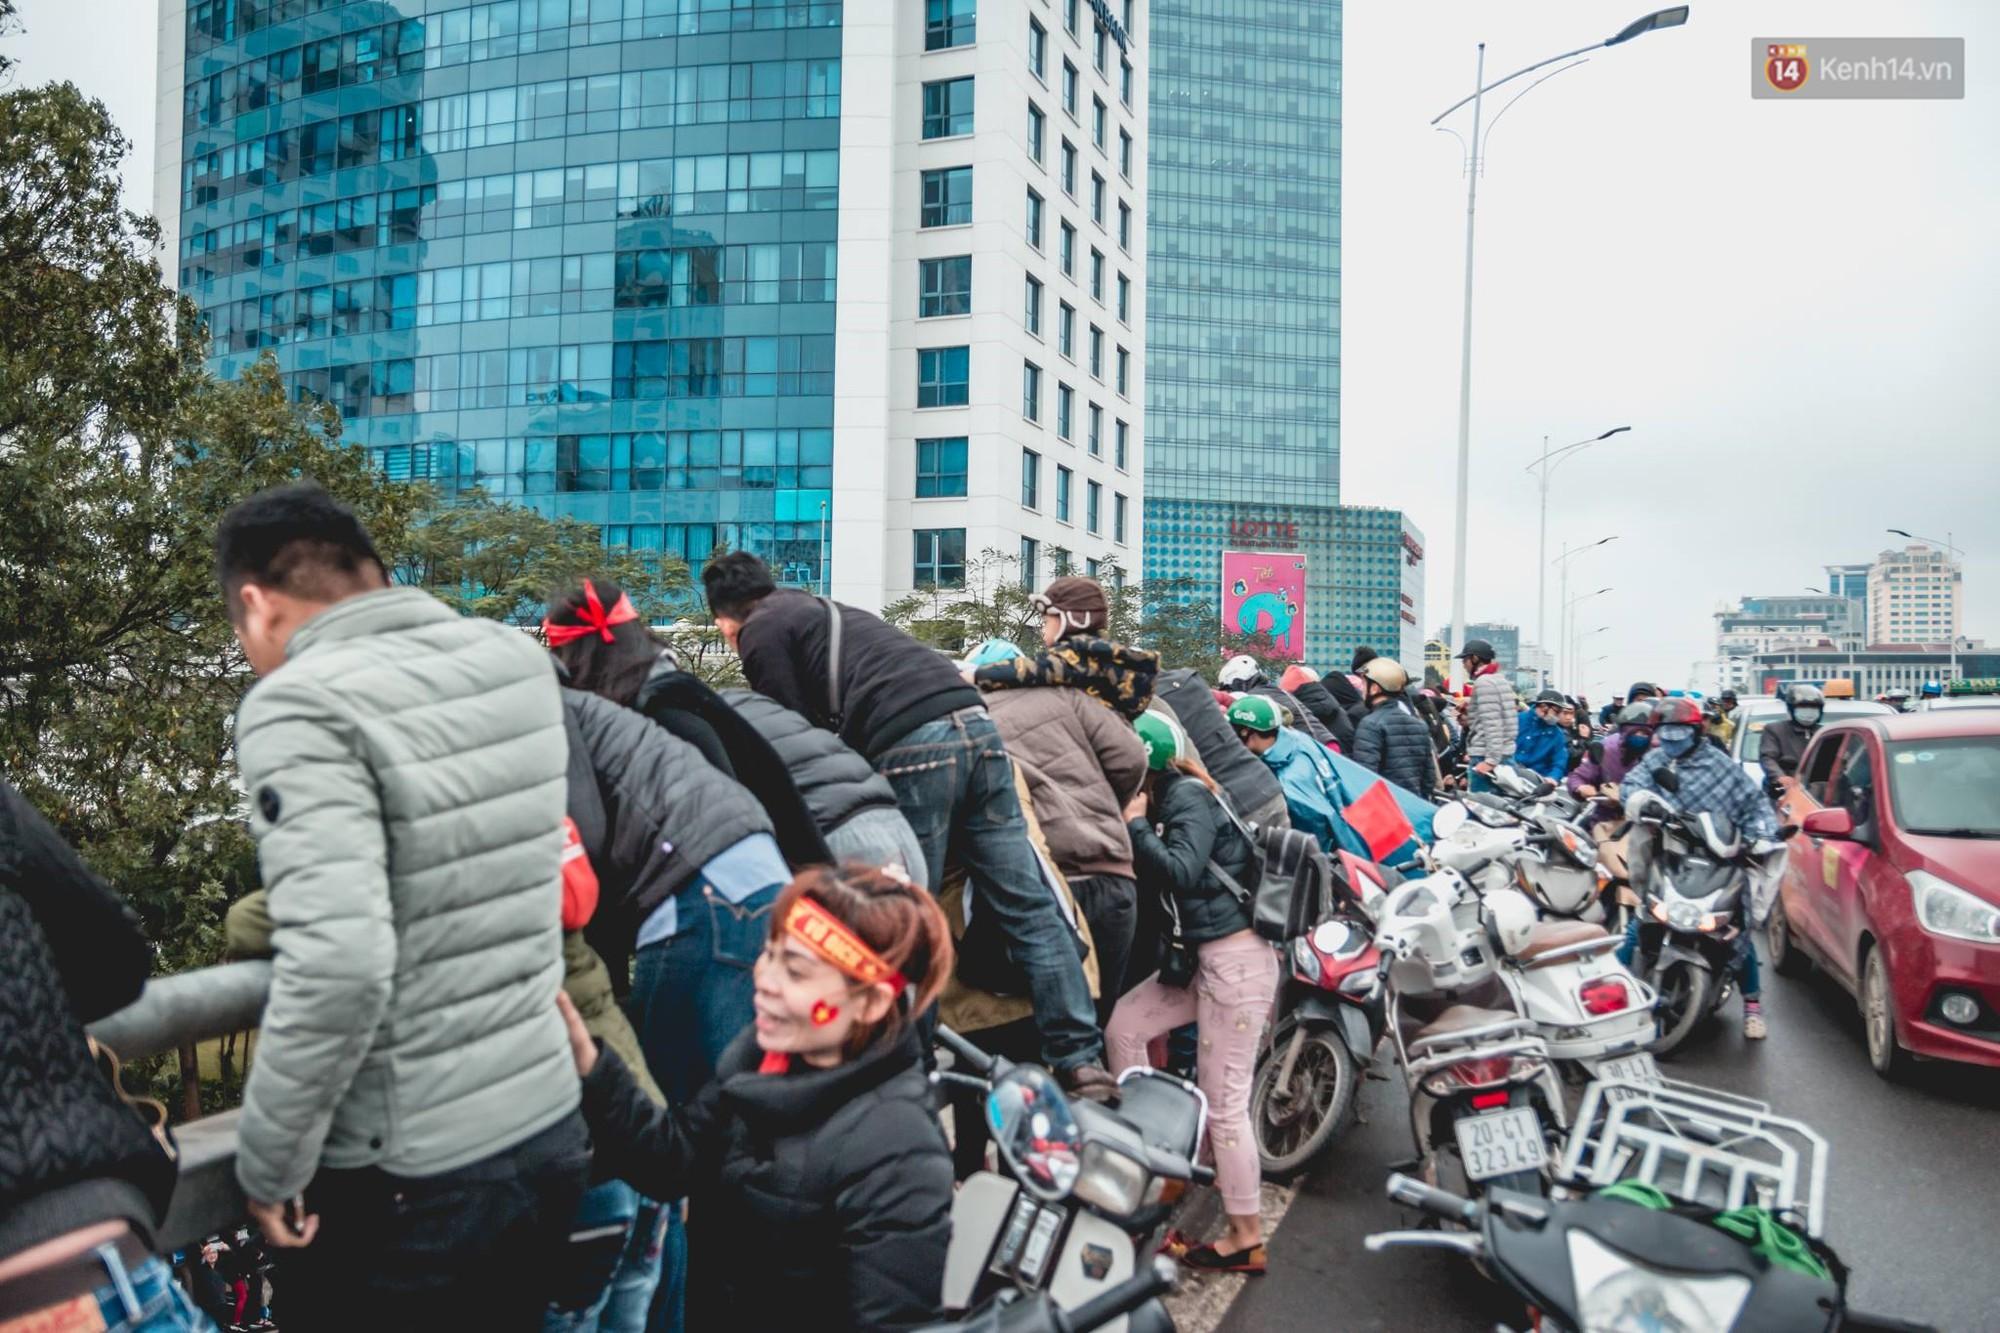 Tình yêu người hâm mộ quá lớn: Đường phố rợp xe và cờ, hơn 4 tiếng đoàn xe của U23 Việt Nam mới có thể tiến vào nội đô - Ảnh 9.